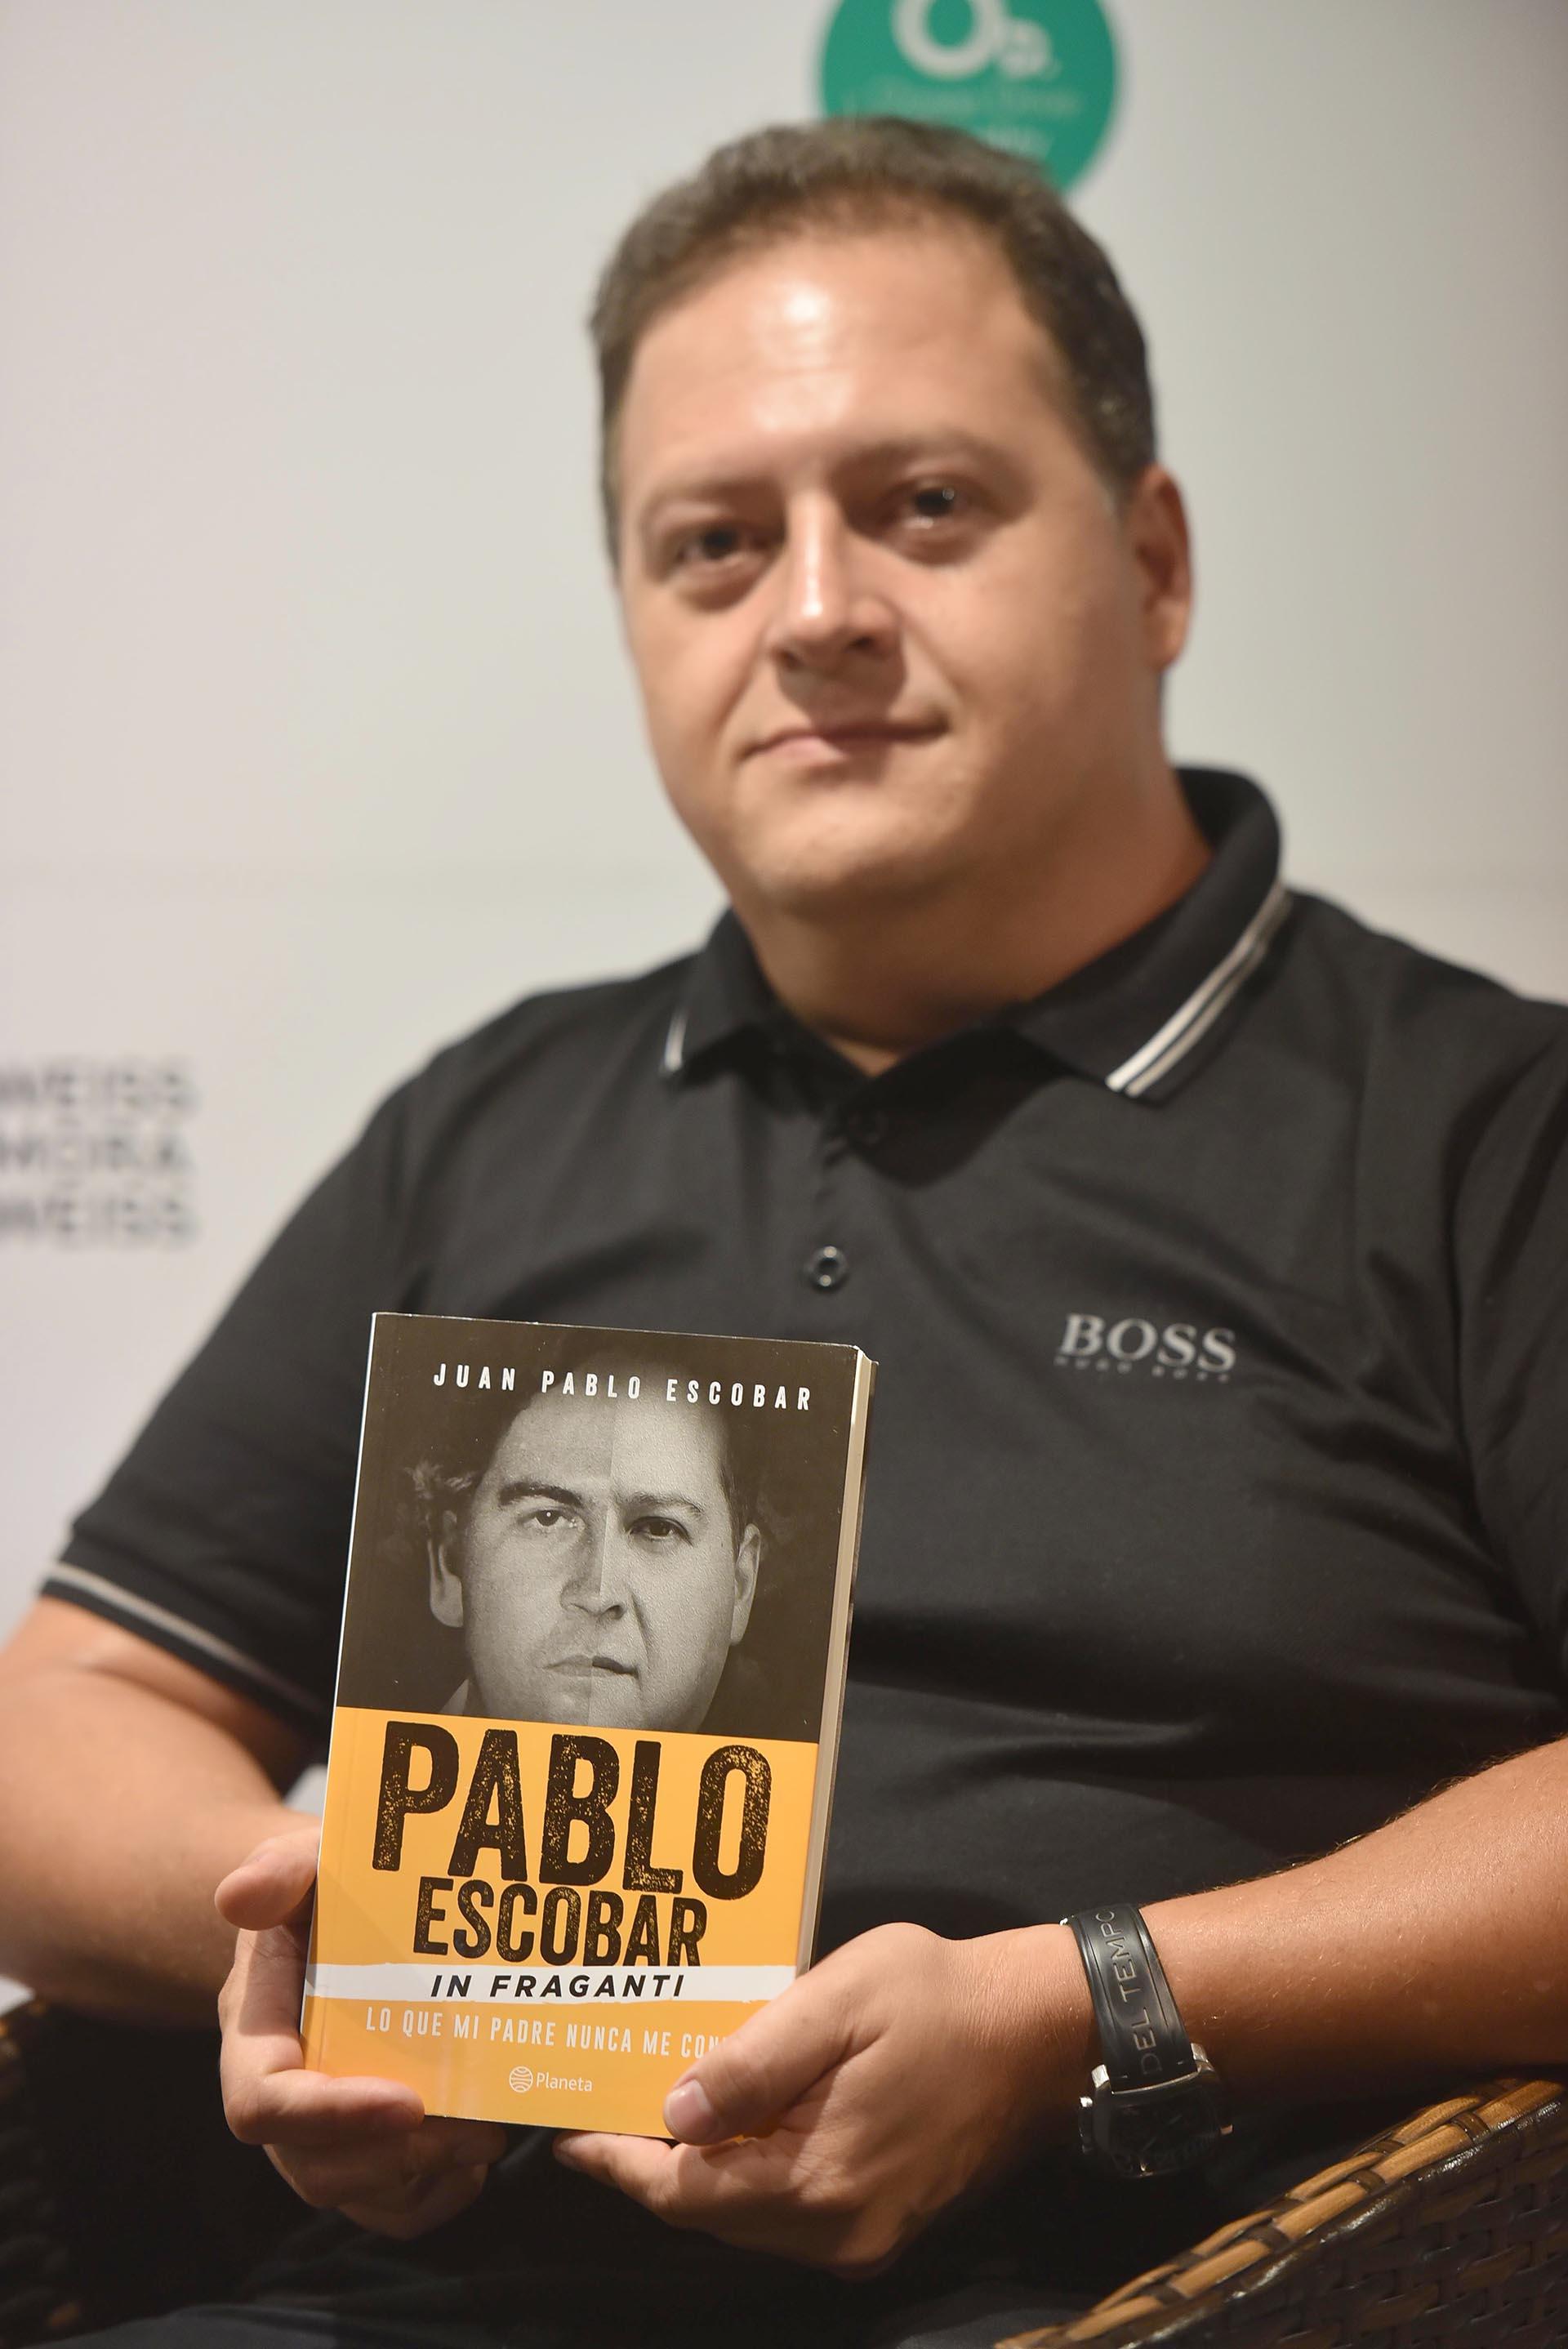 Nueva Revelación Del Hijo De Pablo Escobar Mi Papá Trabajaba Para La Cia Infobae